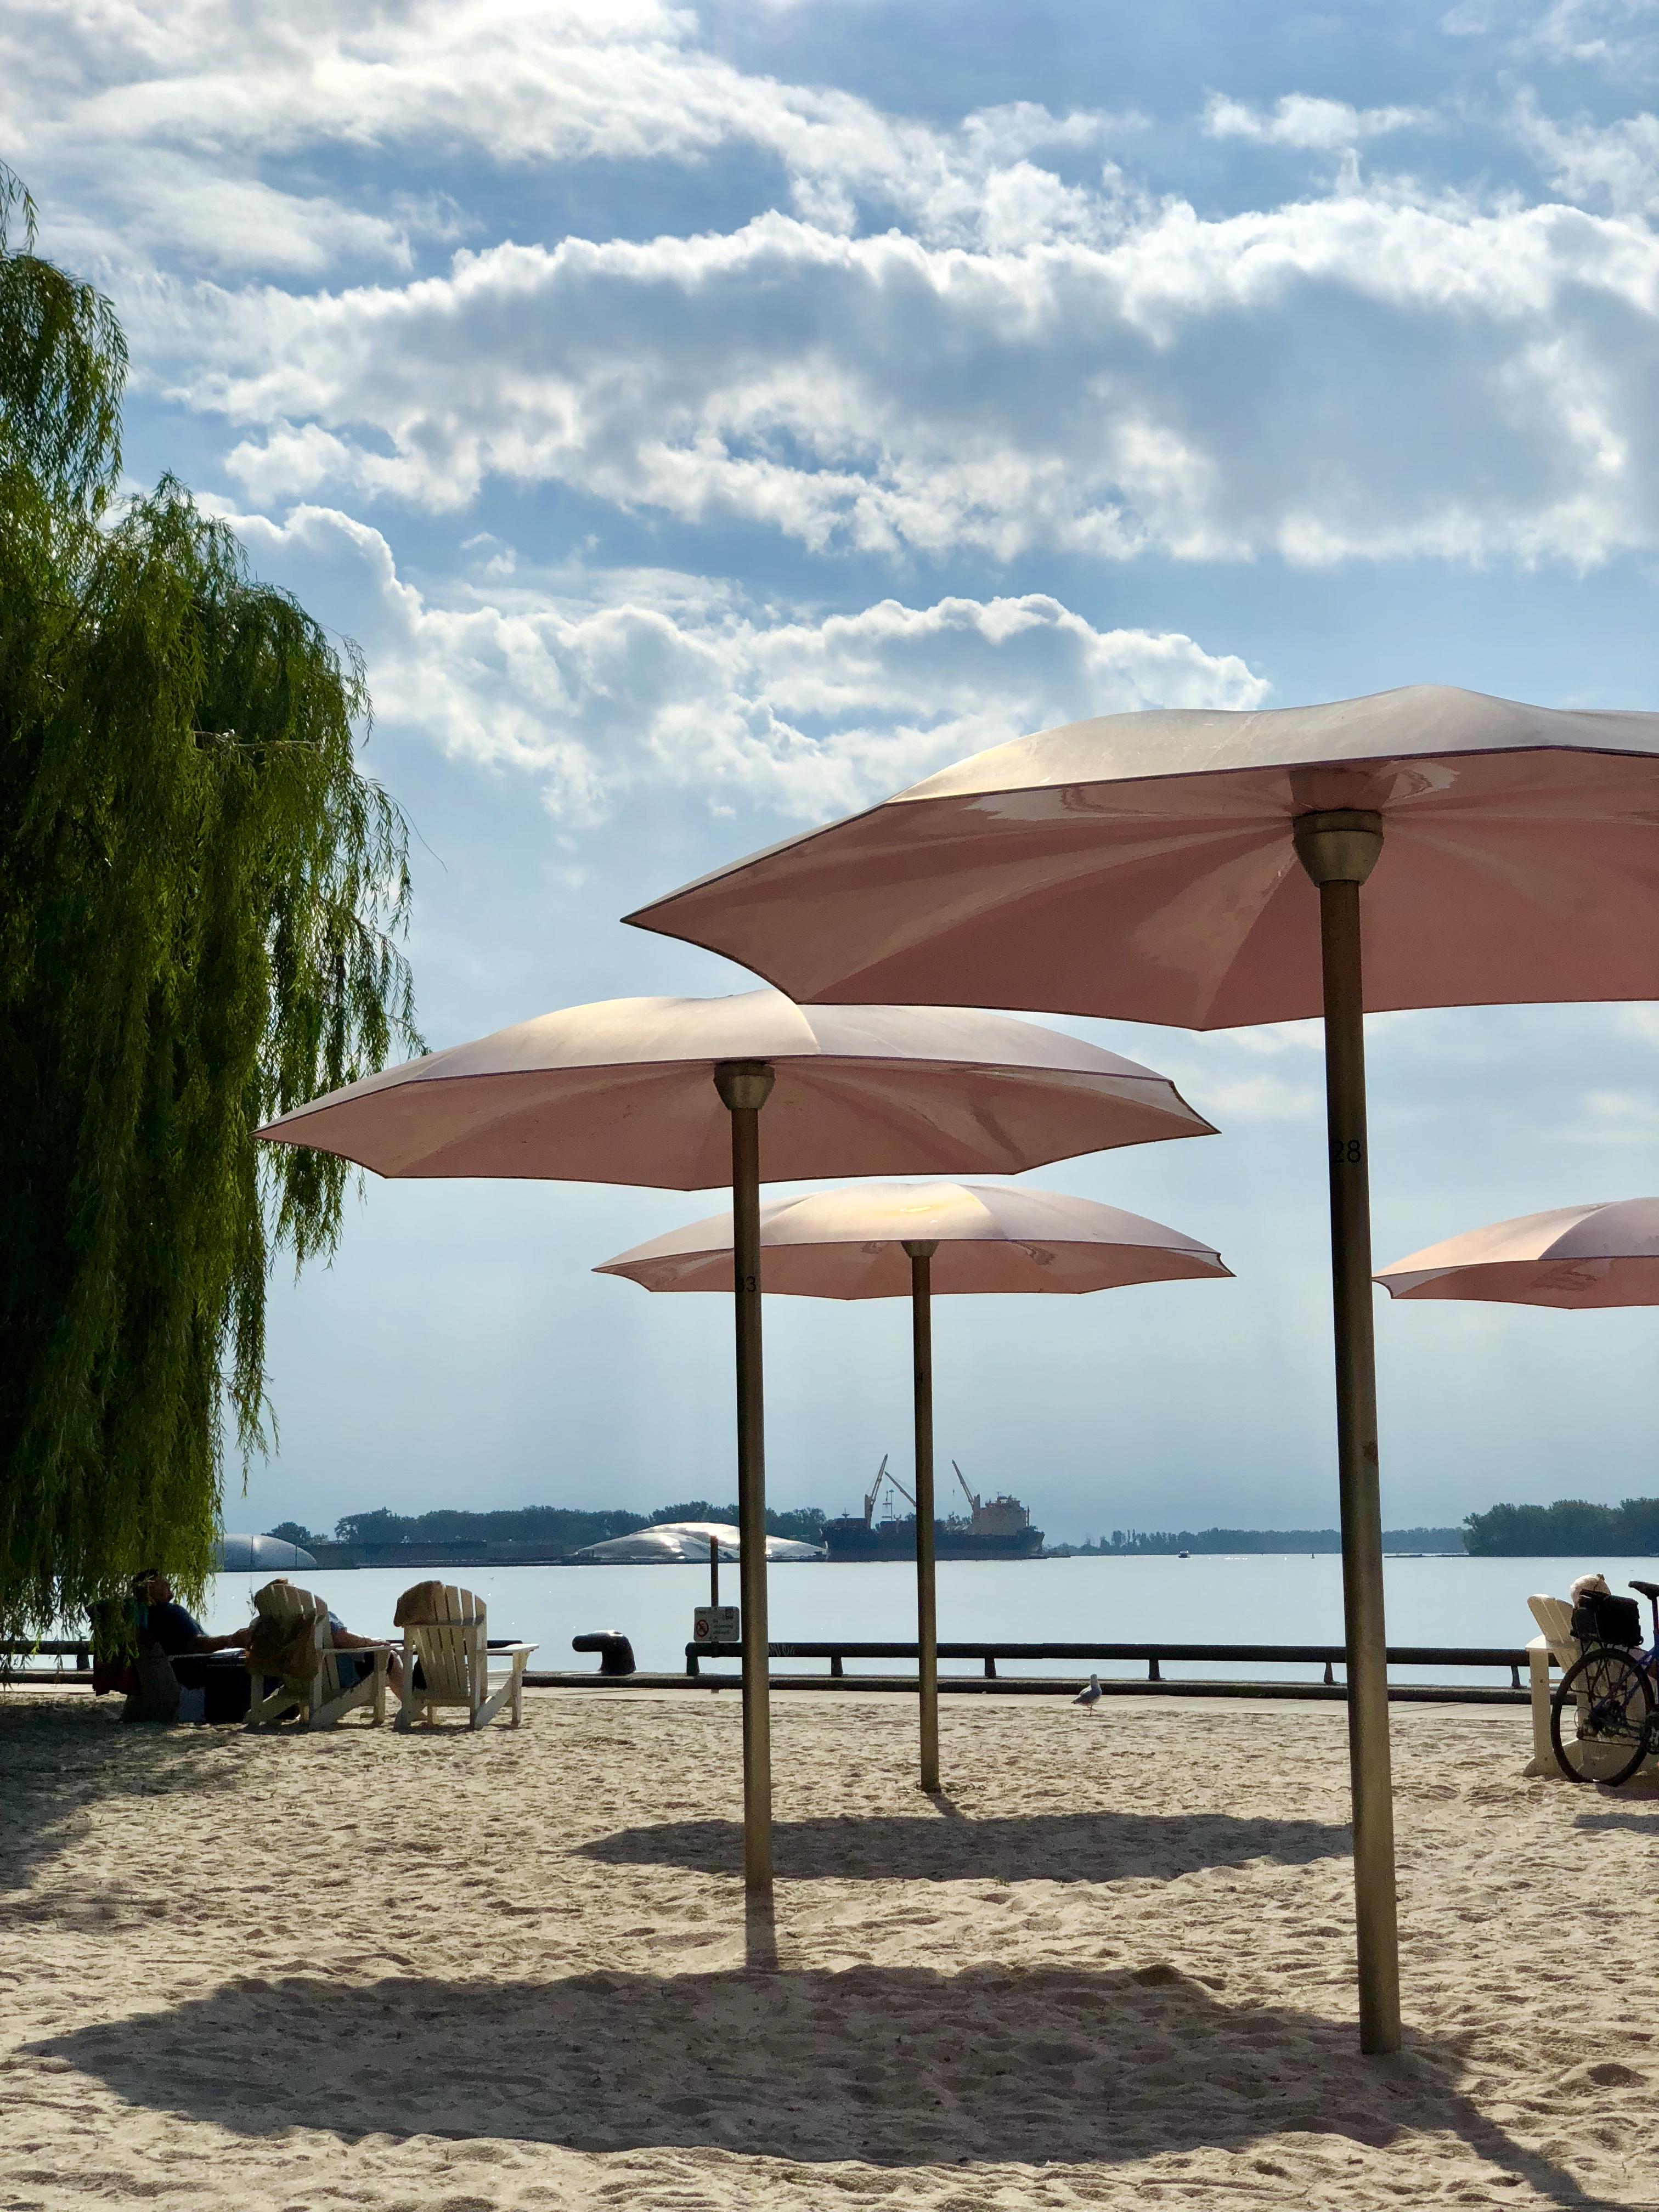 toronto, cn tower, travel tuesday, travel, sugar beach, beach